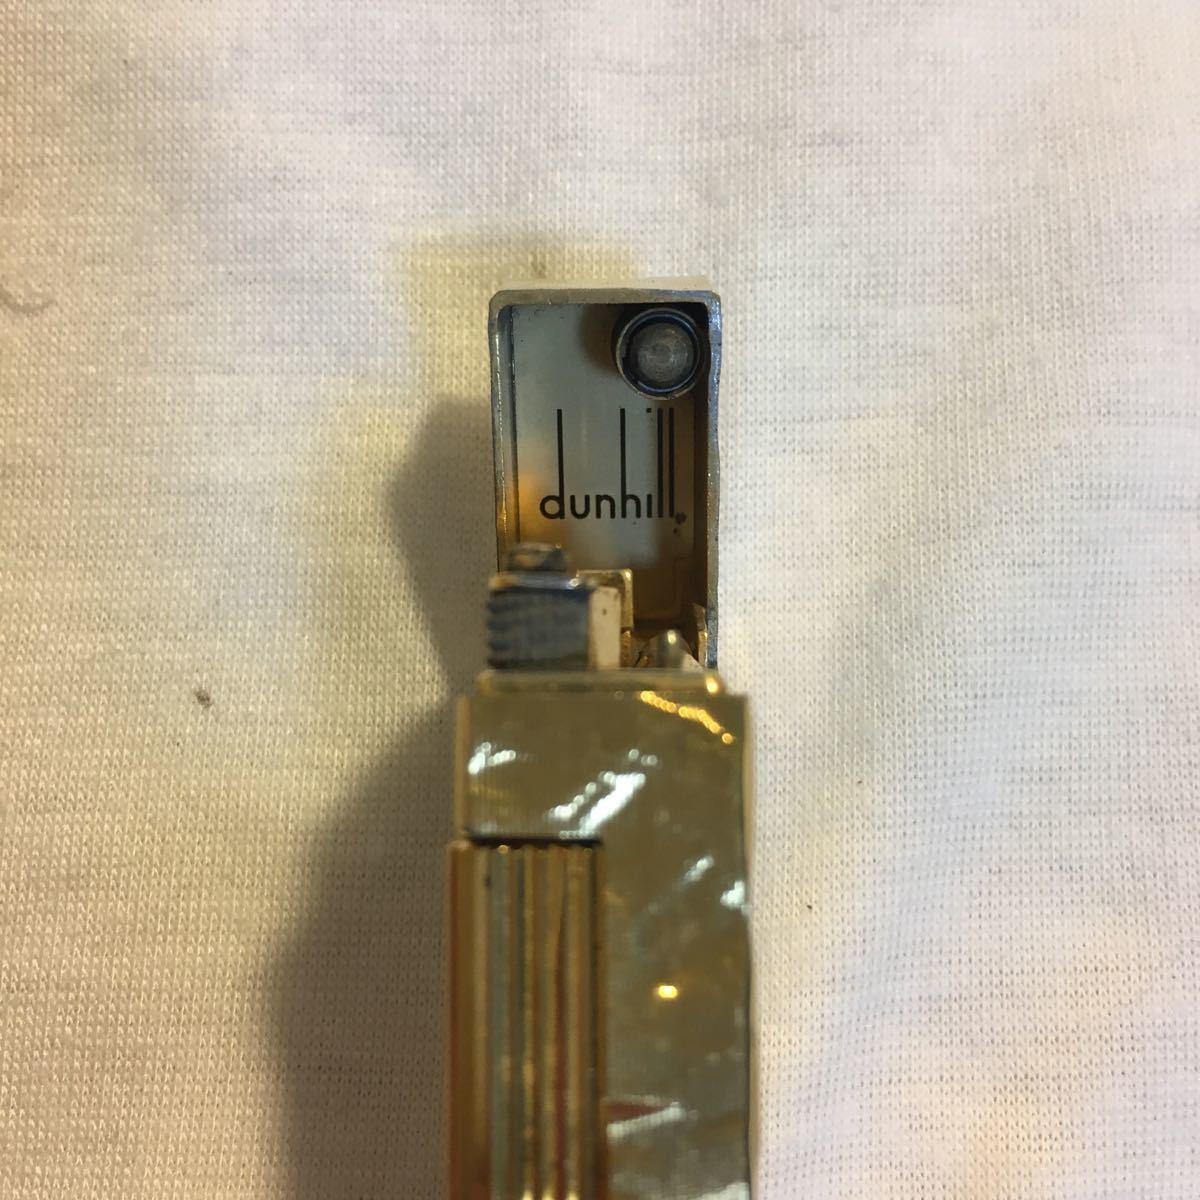 ダンヒルライター 総重量 約77.62g ゴールド ガスライター ブランド コレクション dunhill swiss made_画像7